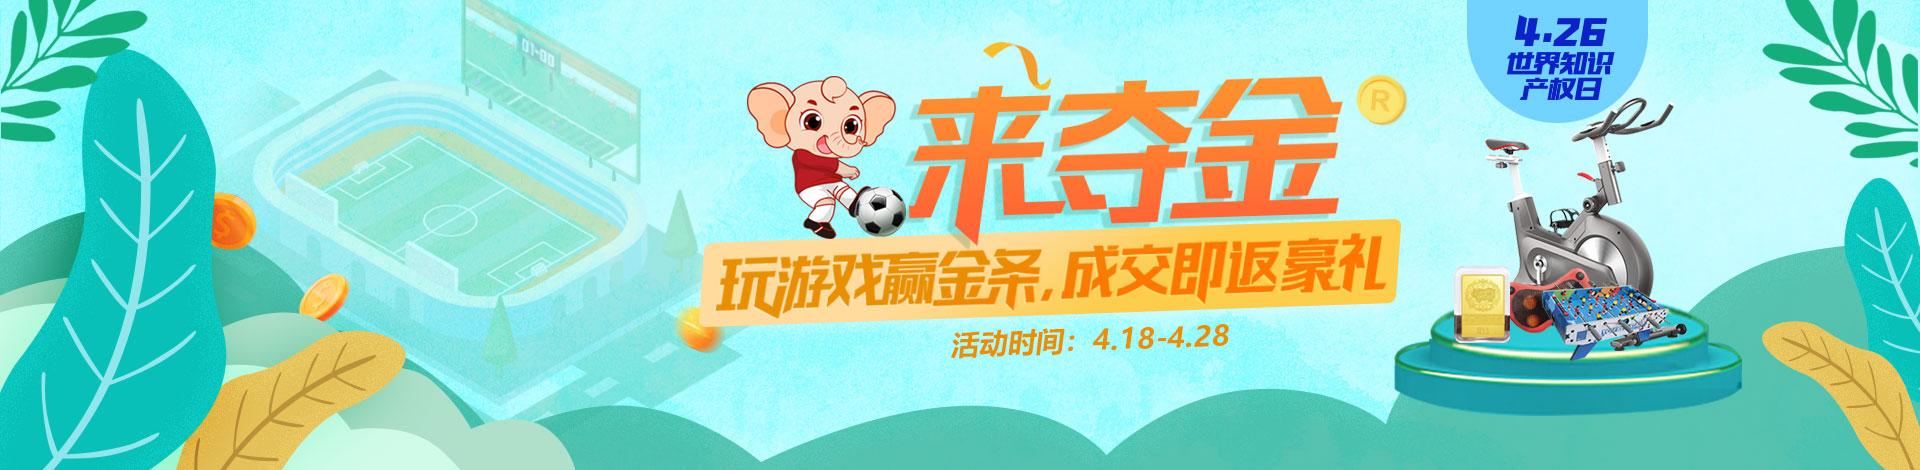 尚标-PC官网banner